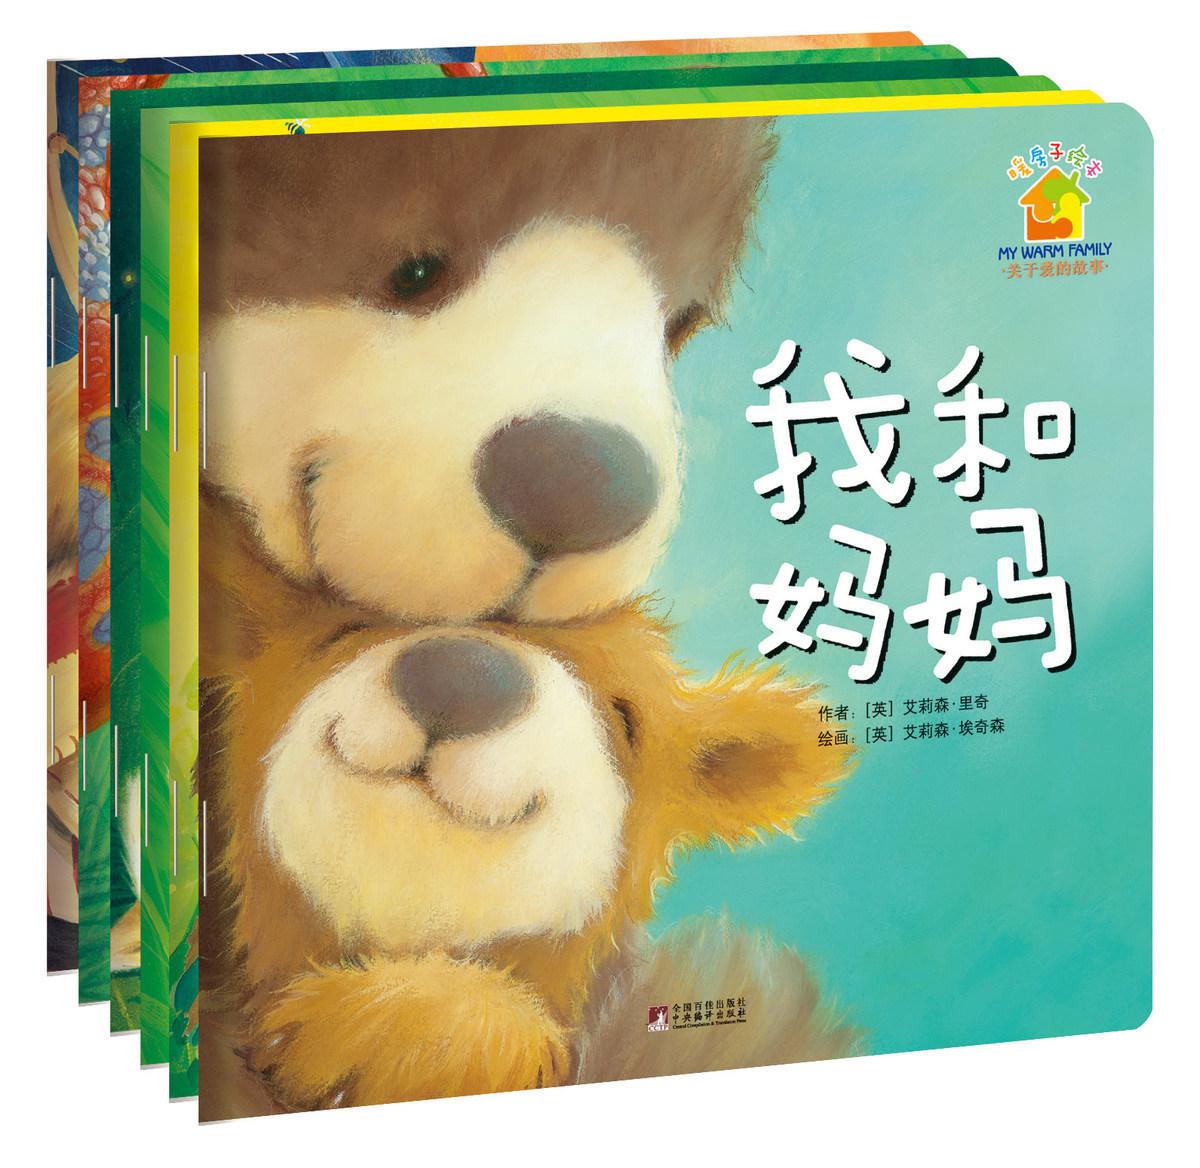 暖房子系列绘本第一辑亲情篇全套6册 我和妈妈 启蒙儿童绘本童书图书0-1-2-3-4-5-6-7-8岁低幼绘本幼儿园故事书籍早教睡前故事绘本